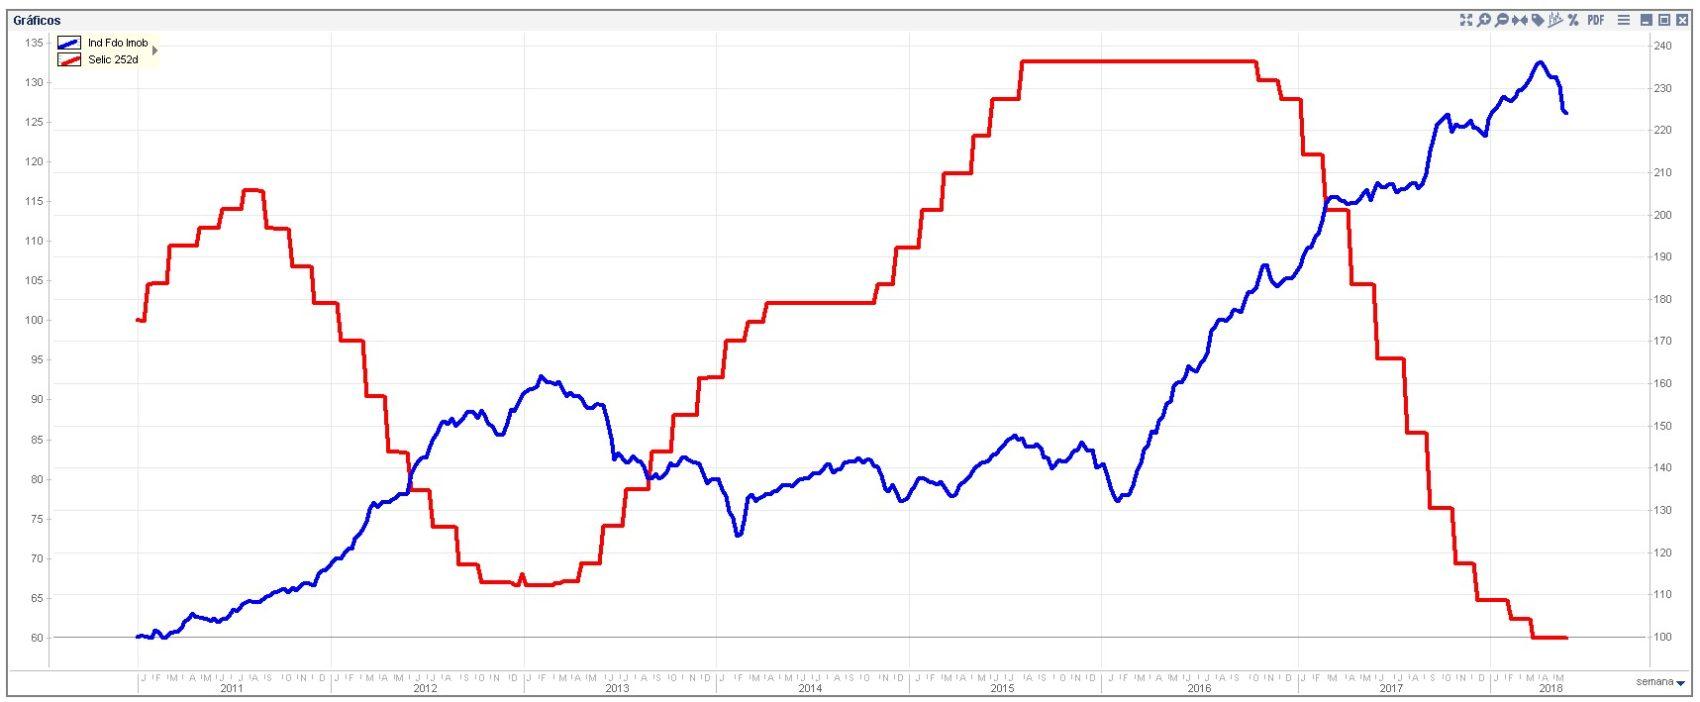 Correlação selic x ifix